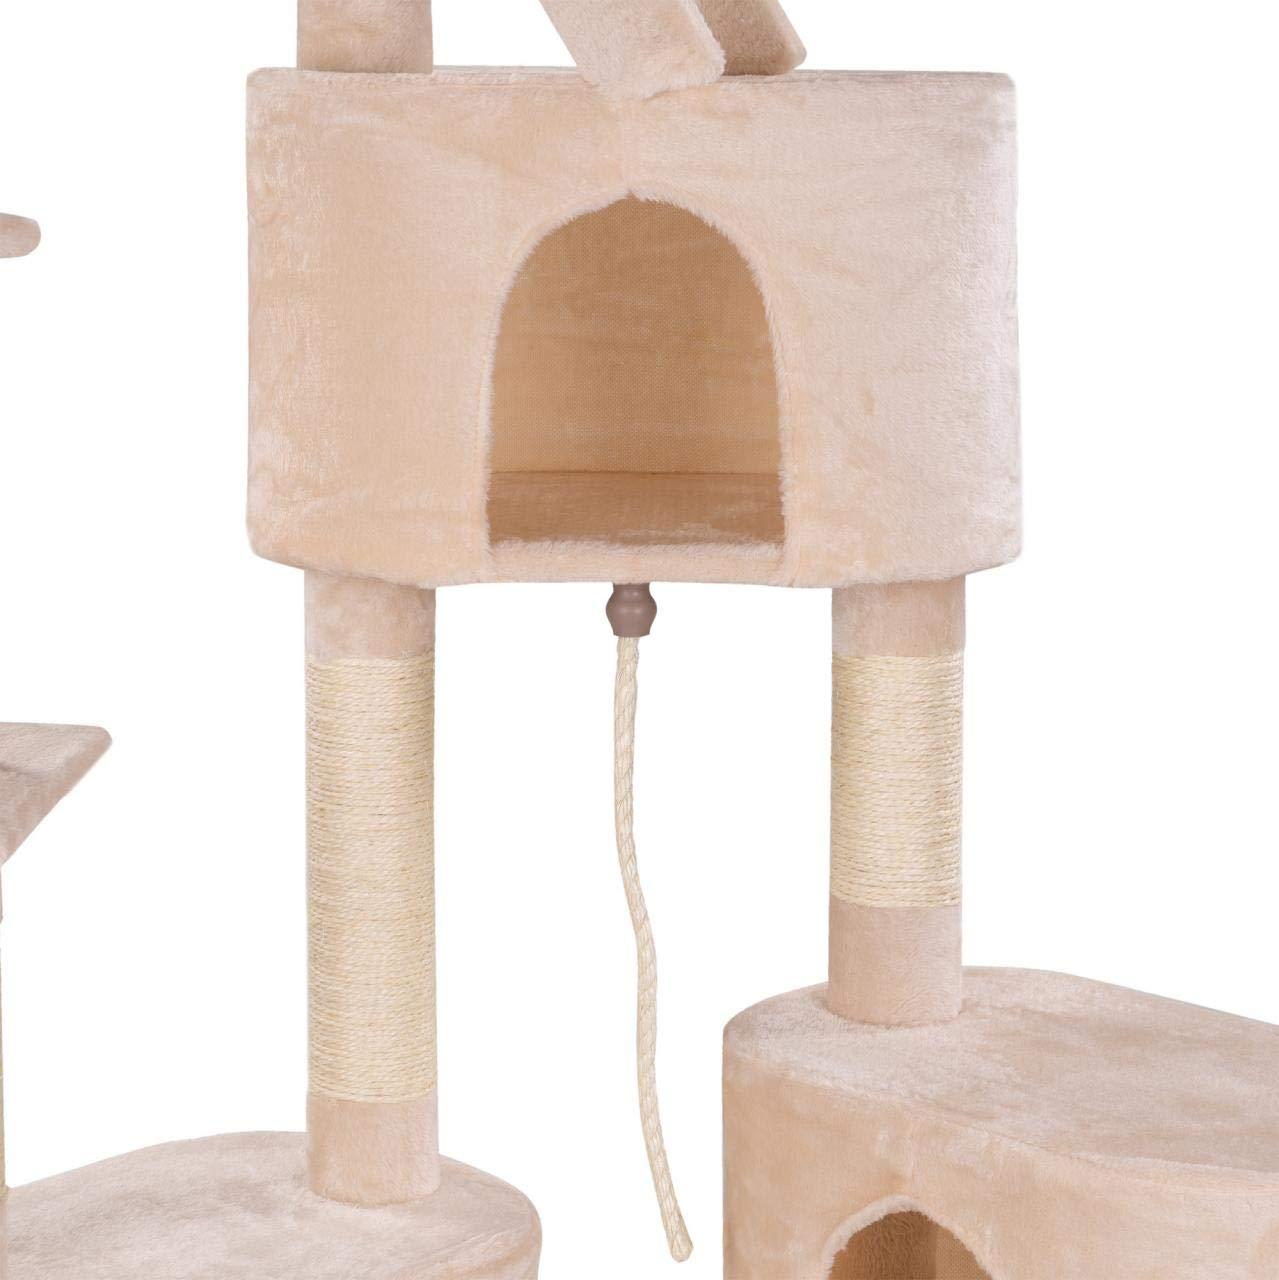 /260/cm Extra Spessore Colonne di sisal circa 8,0/cm Grotte liegemulden Scale di Corda Colore auswaehlbar Happypet kratz Albero per Gatti soffitto alto 230/